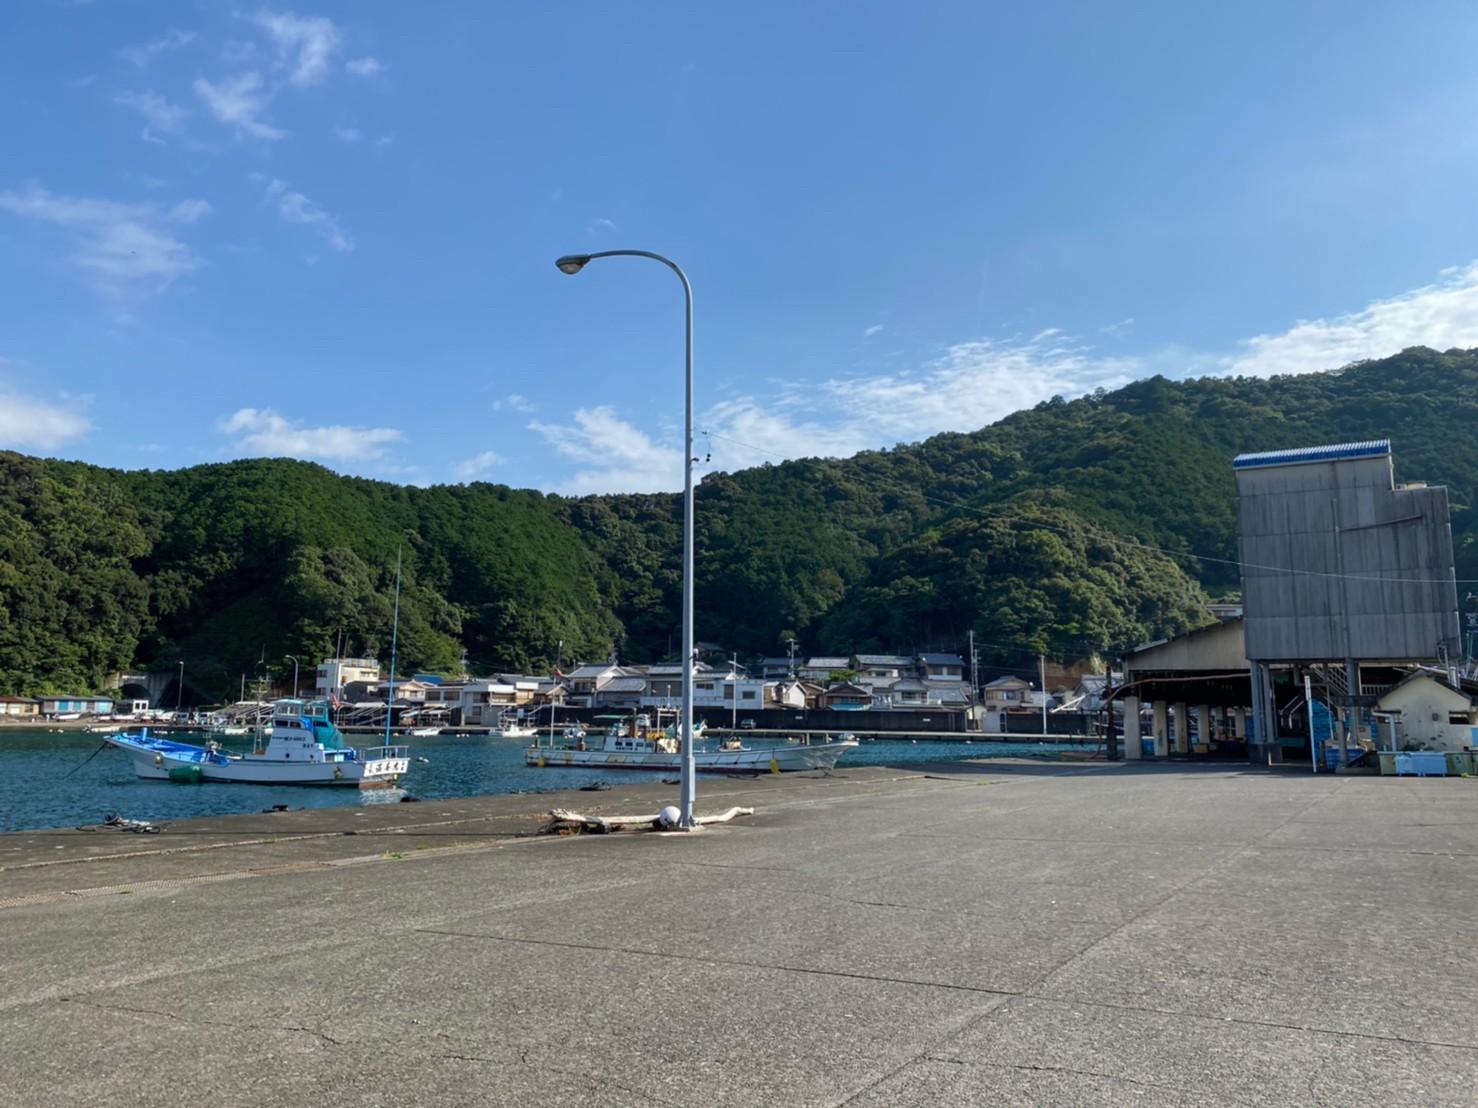 【三重県紀北町】『島勝浦漁港(しまかつ)』の海釣りガイド(釣れる魚・駐車場・トイレ)